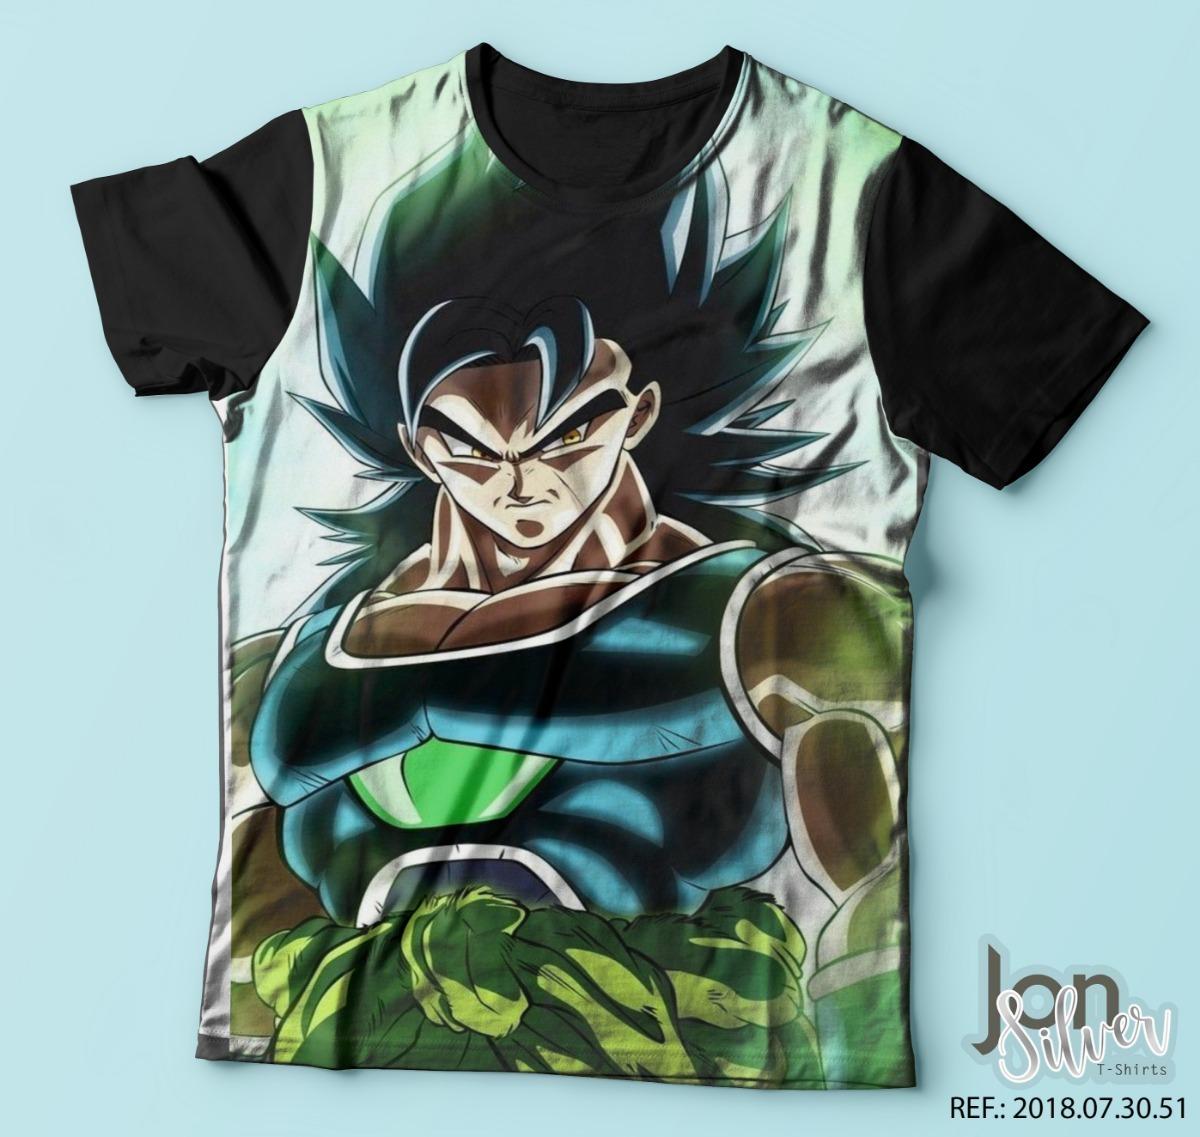 camisa camiseta dragon ball super broly filme r 35 99 em mercado